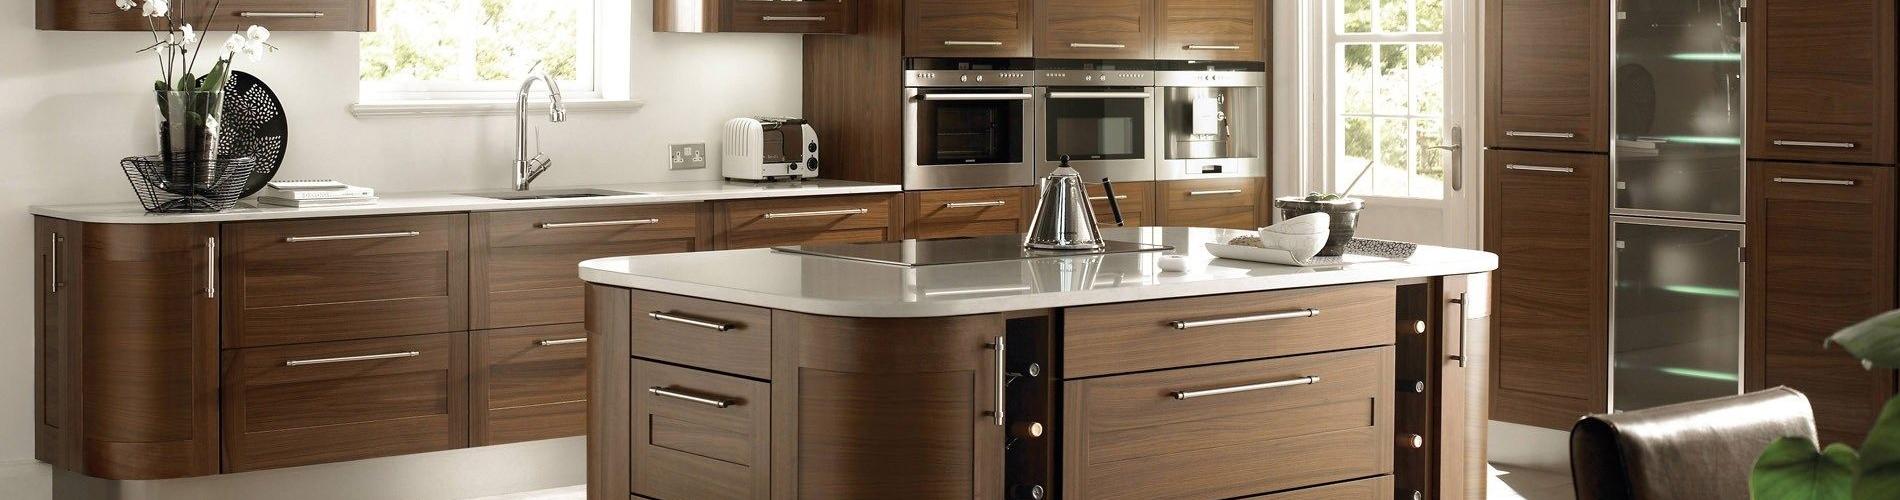 Sia grandluk specializ jas uz mdf m be u fas u ra o anu for Australian kitchen designs 2016